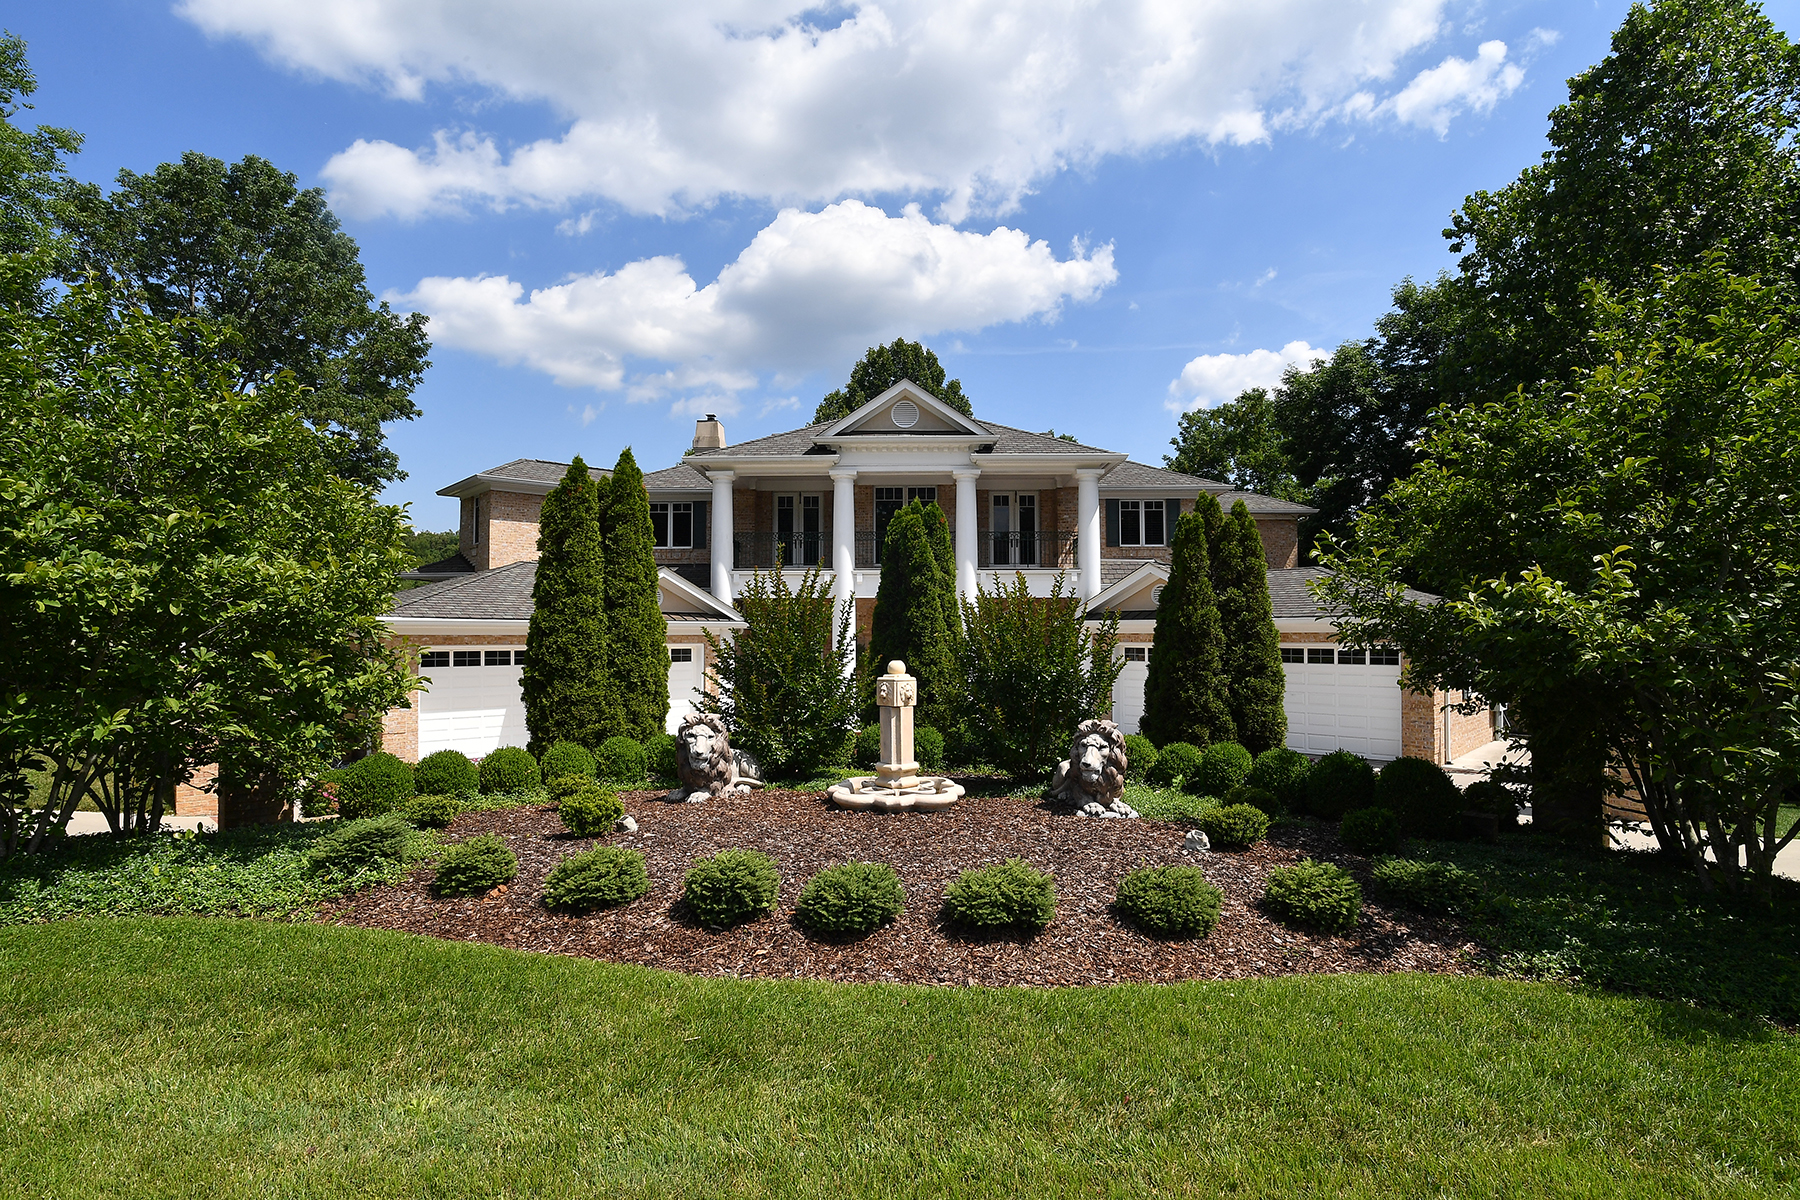 단독 가정 주택 용 매매 에 BRISTOL - THE VIRGINIAN 14914 Springview Ridge Bristol, 버지니아, 24202 미국